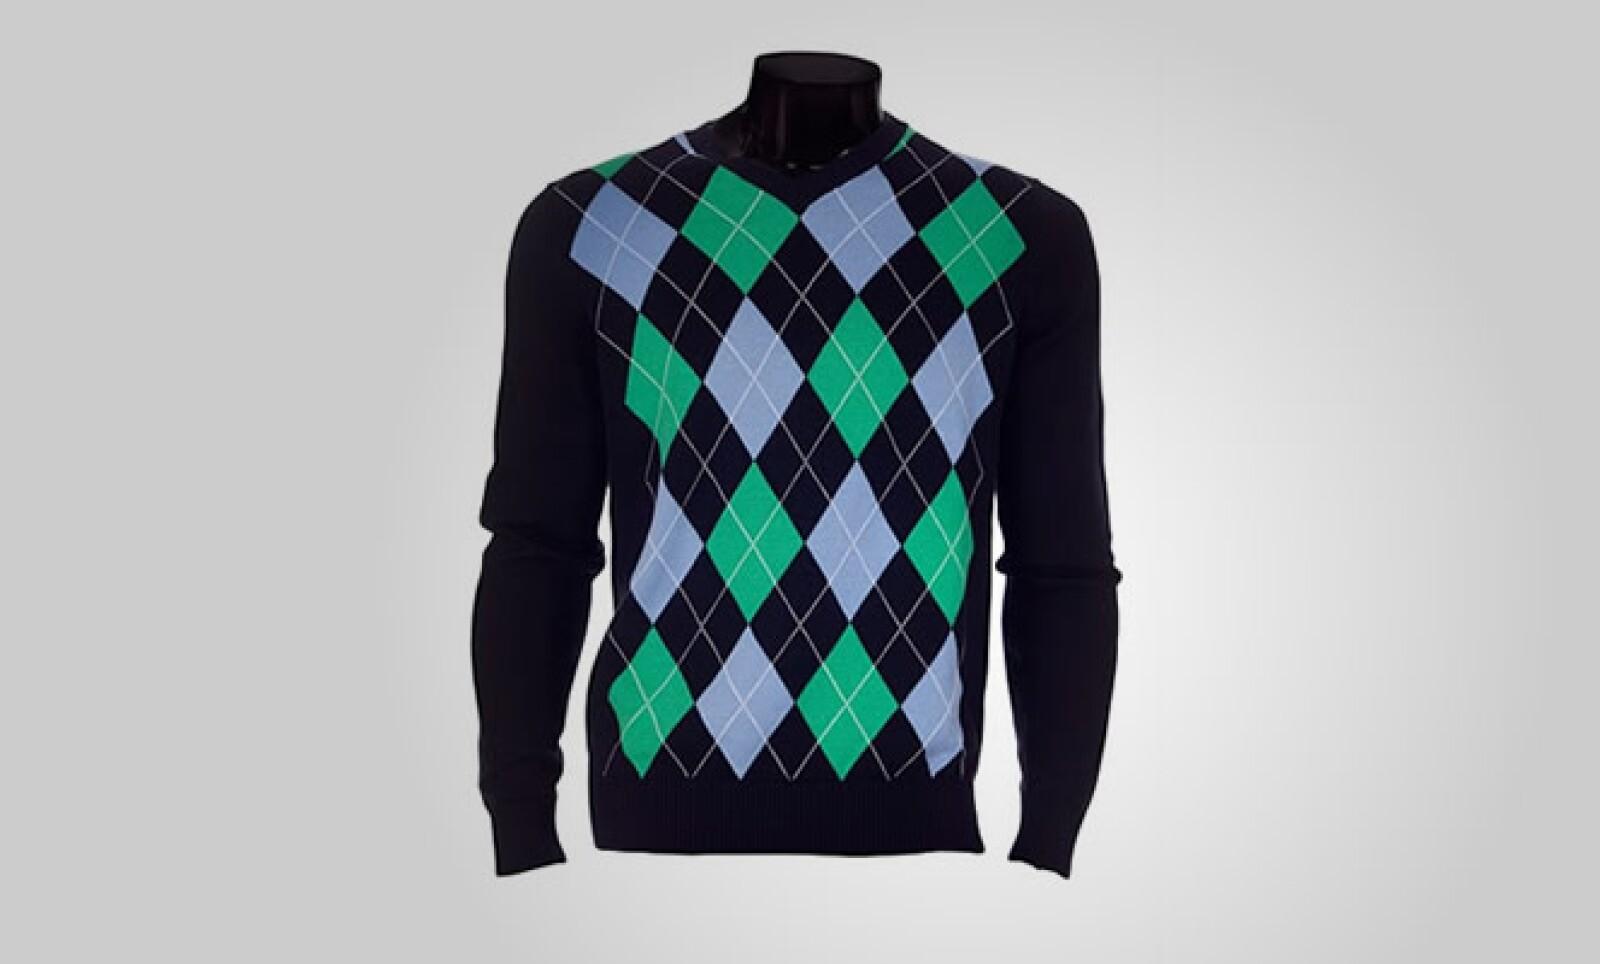 Un sweater de algodón, con estilo de rombos al frente y listo para alguna tarde con viento.